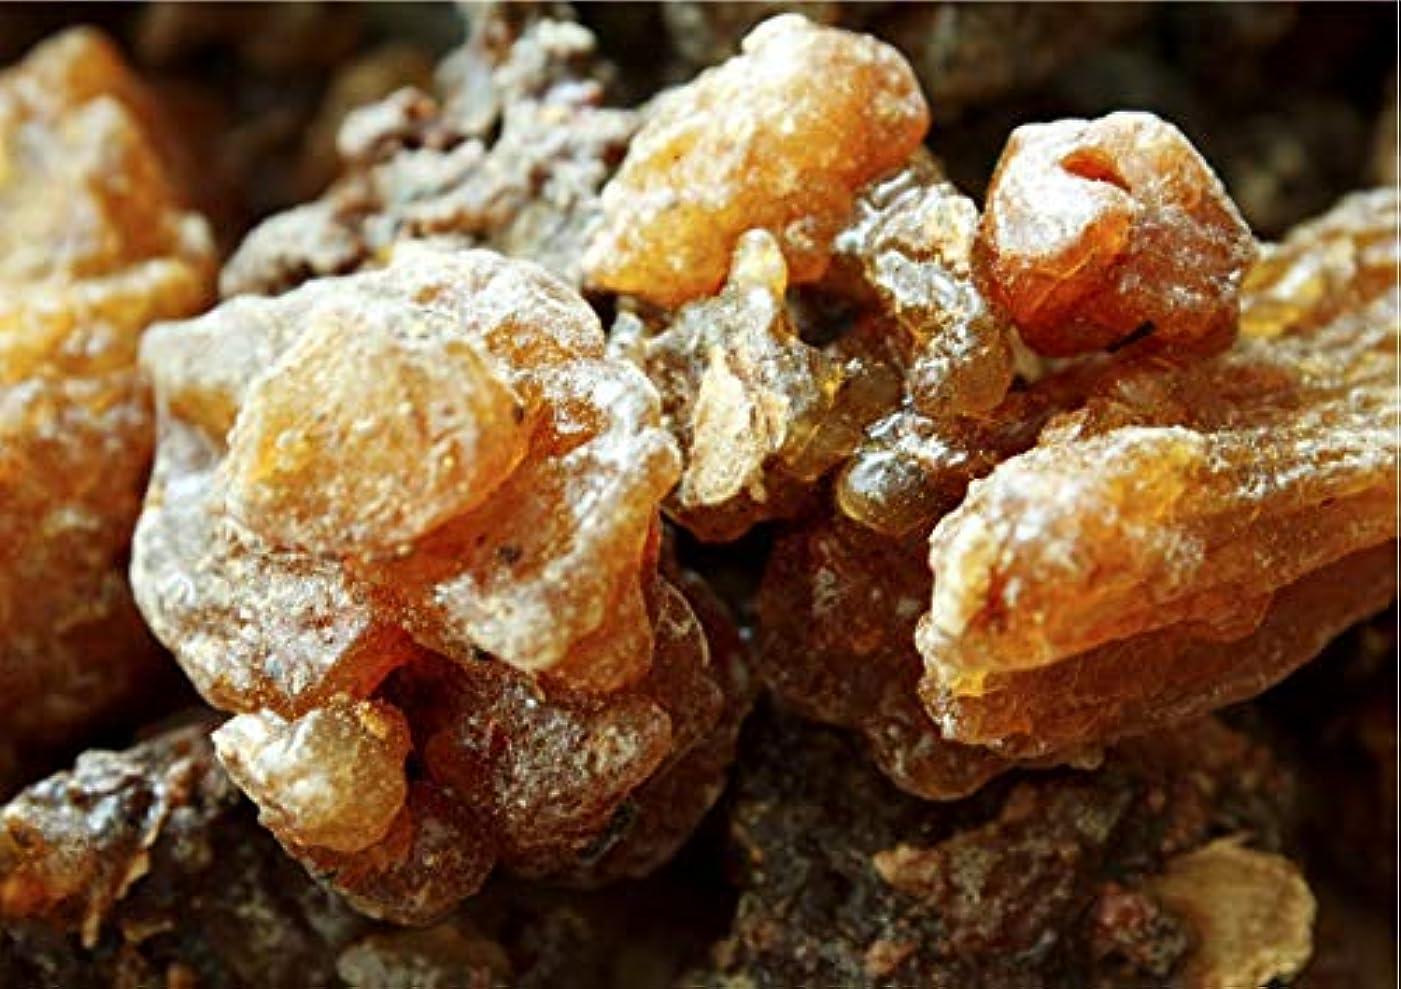 結婚反乱桃Oman ロイヤルフランキンセンスブランド認定オーガニックミルラ樹脂 (Commiphora myrrha) 1/2 lb ブラウン